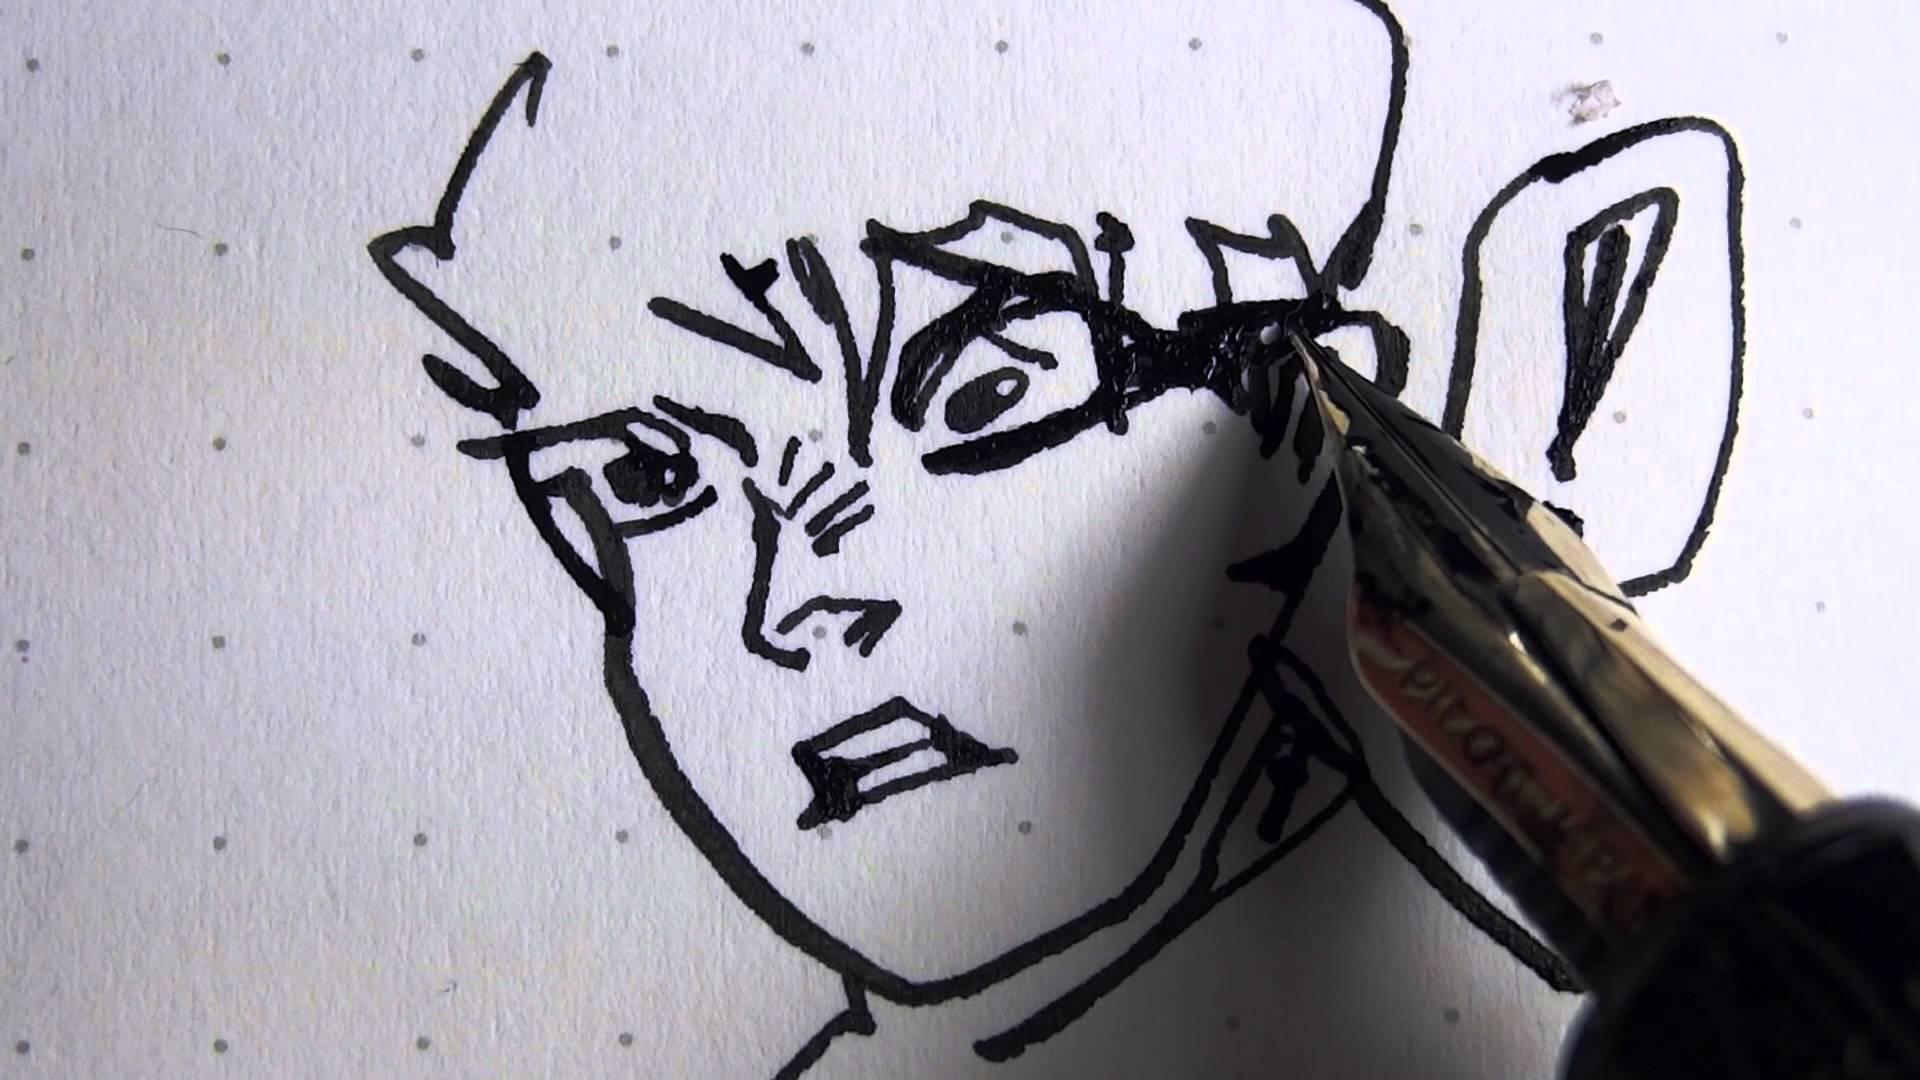 Drawn pen fountain pen 95 Pen Justus 1080p the